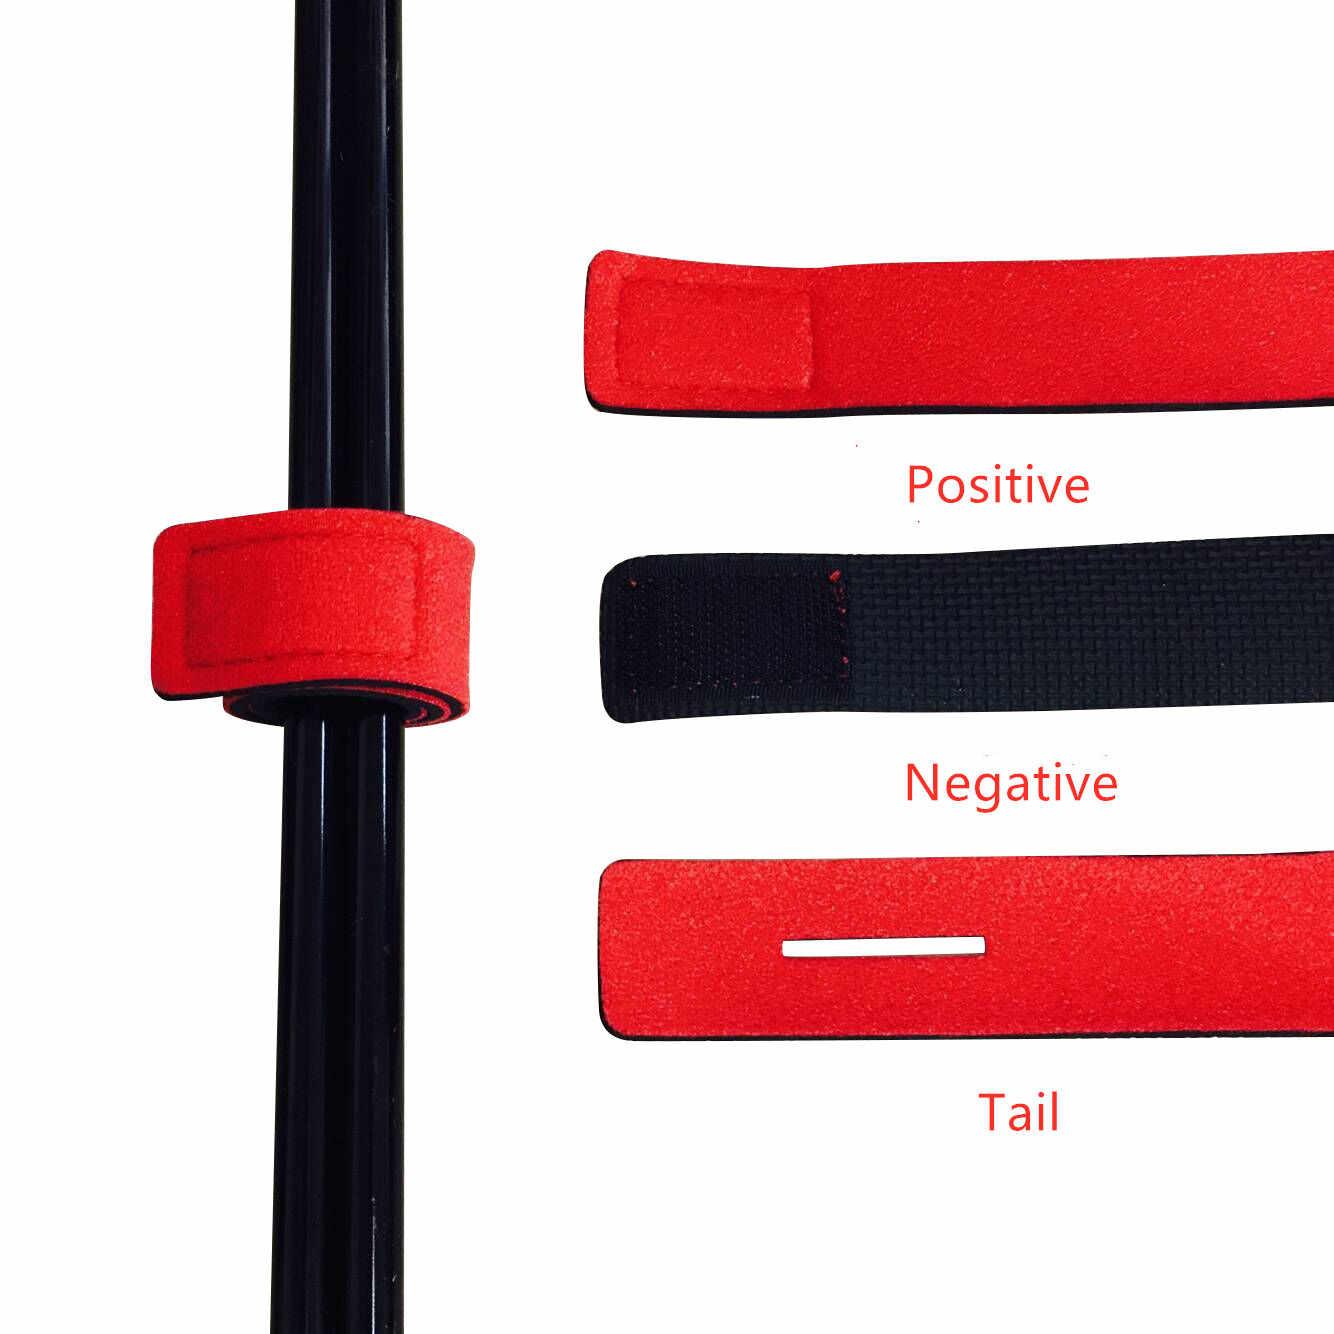 2 STUKS Nieuwe Vissen Tools Staaf Tie Strap Riem Visgerei Elastische Wrap Band Pole Houder Accessoires Duiken Materialen Non- slip Firm